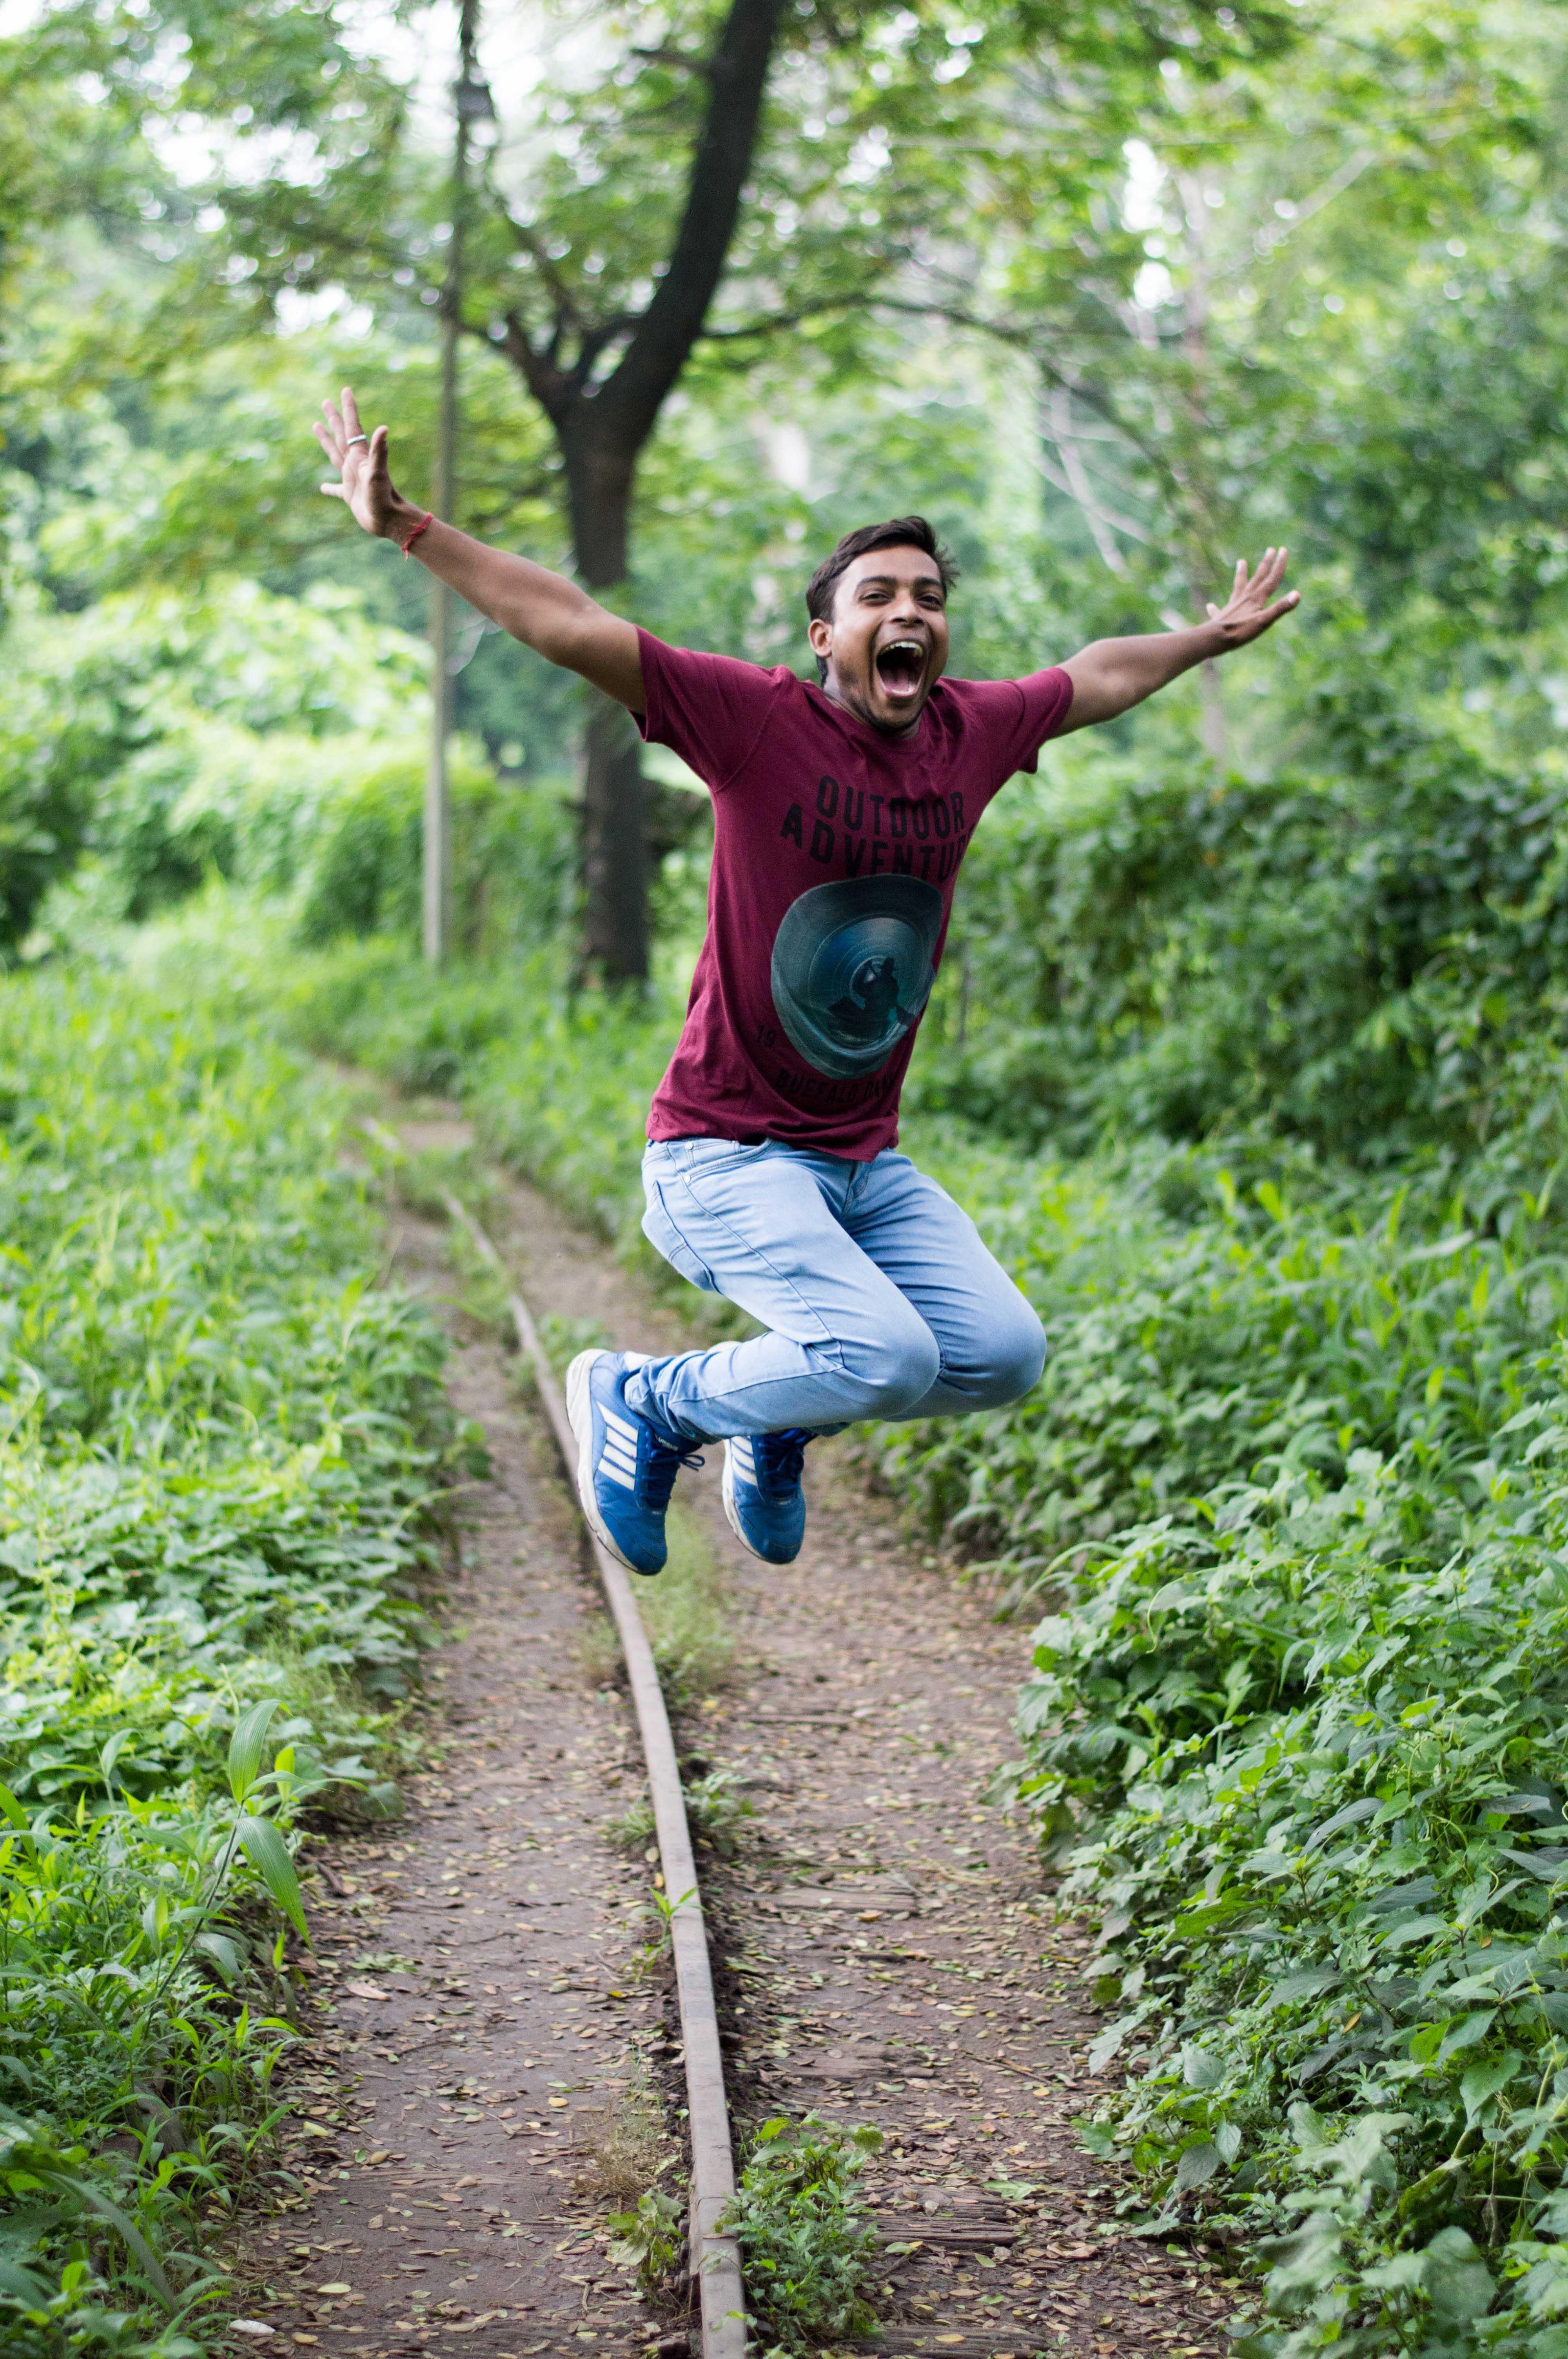 Kostenloses Stock Foto zu action, aktiv, bewegung, energisch